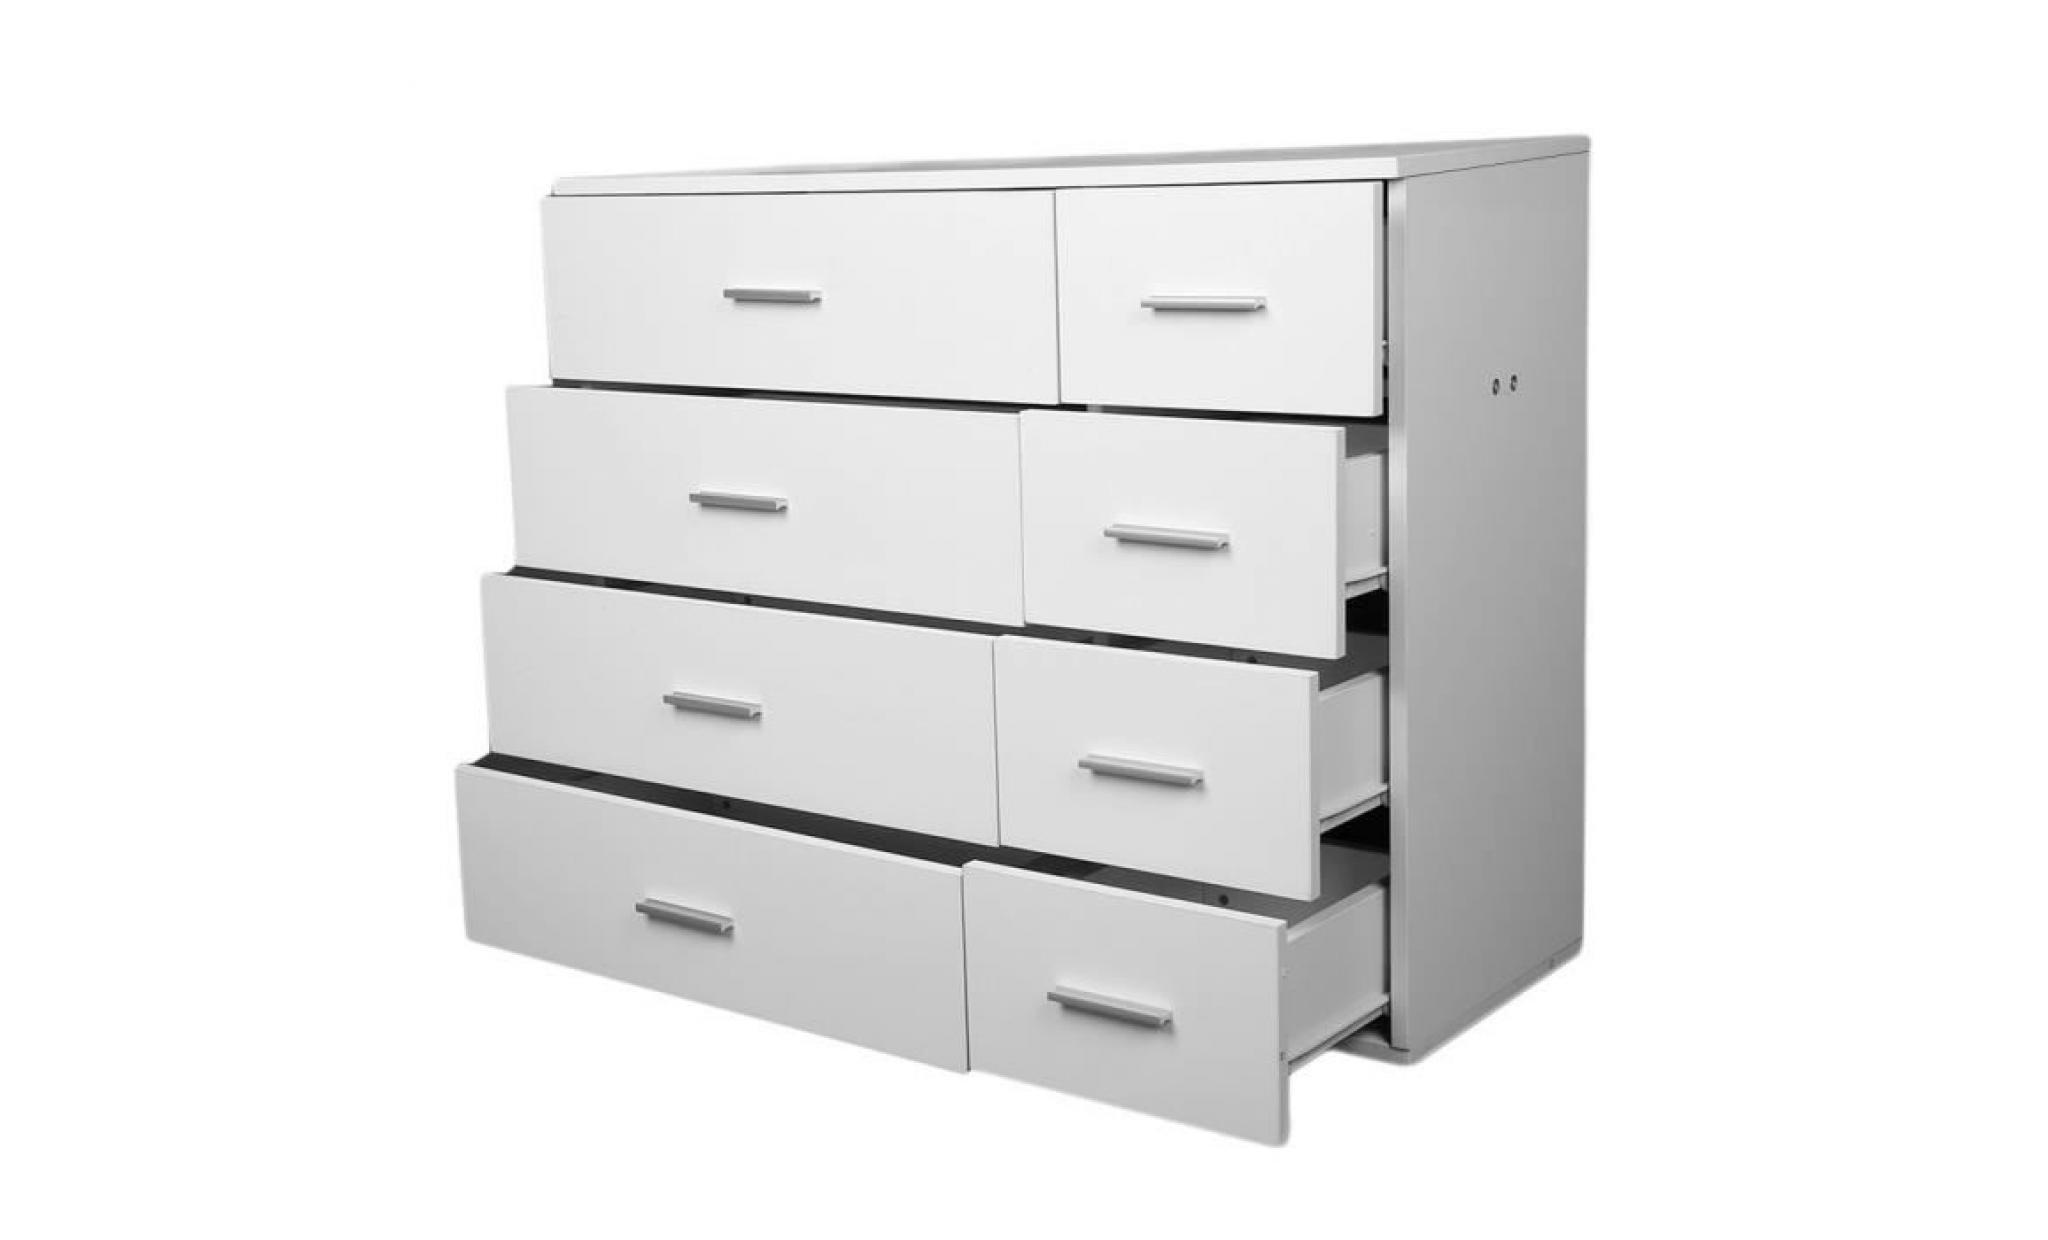 8 tiroirs de armoire de chambre 89x35x73 5cm design moderne blanche diy stockage en bois achat vente armoire pas cher couleur et design fr